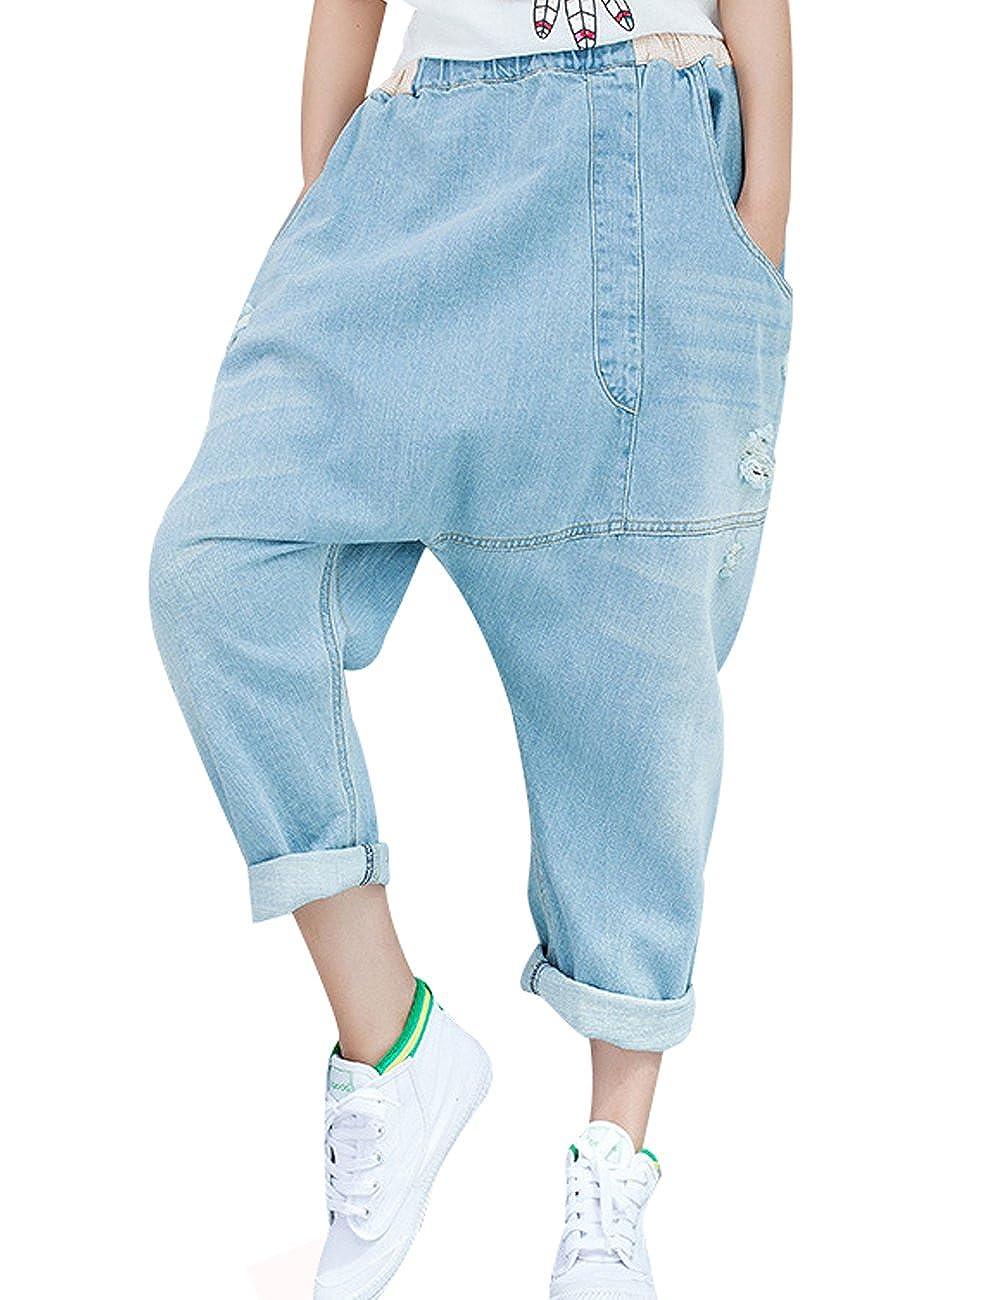 Youlee Femmes Patchwork Sarouels Jeans Détruit Jeans à Jambes Larges Youlee-0233-1